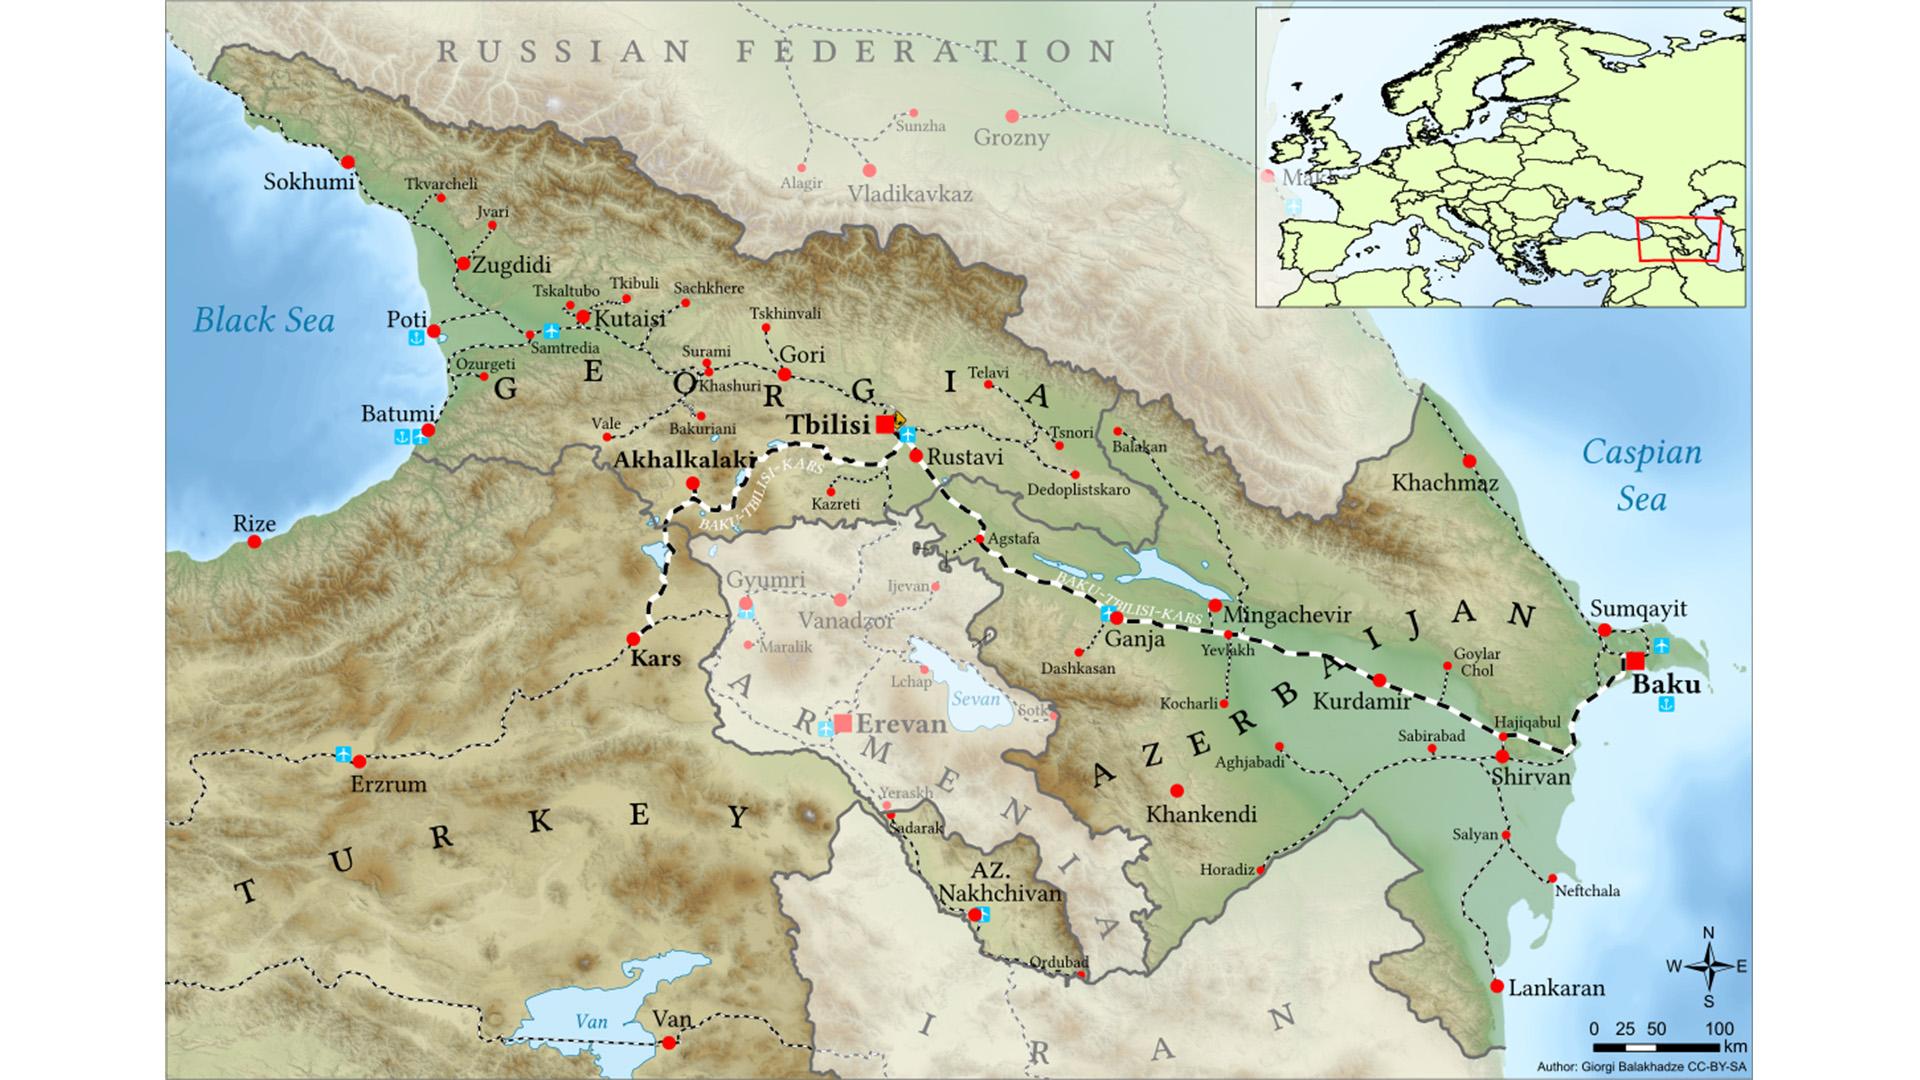 Bakı-Tbilisi-Qars dəmir yoluna əlavə yüklərin cəlb olunması barədə razılıq əldə edilib